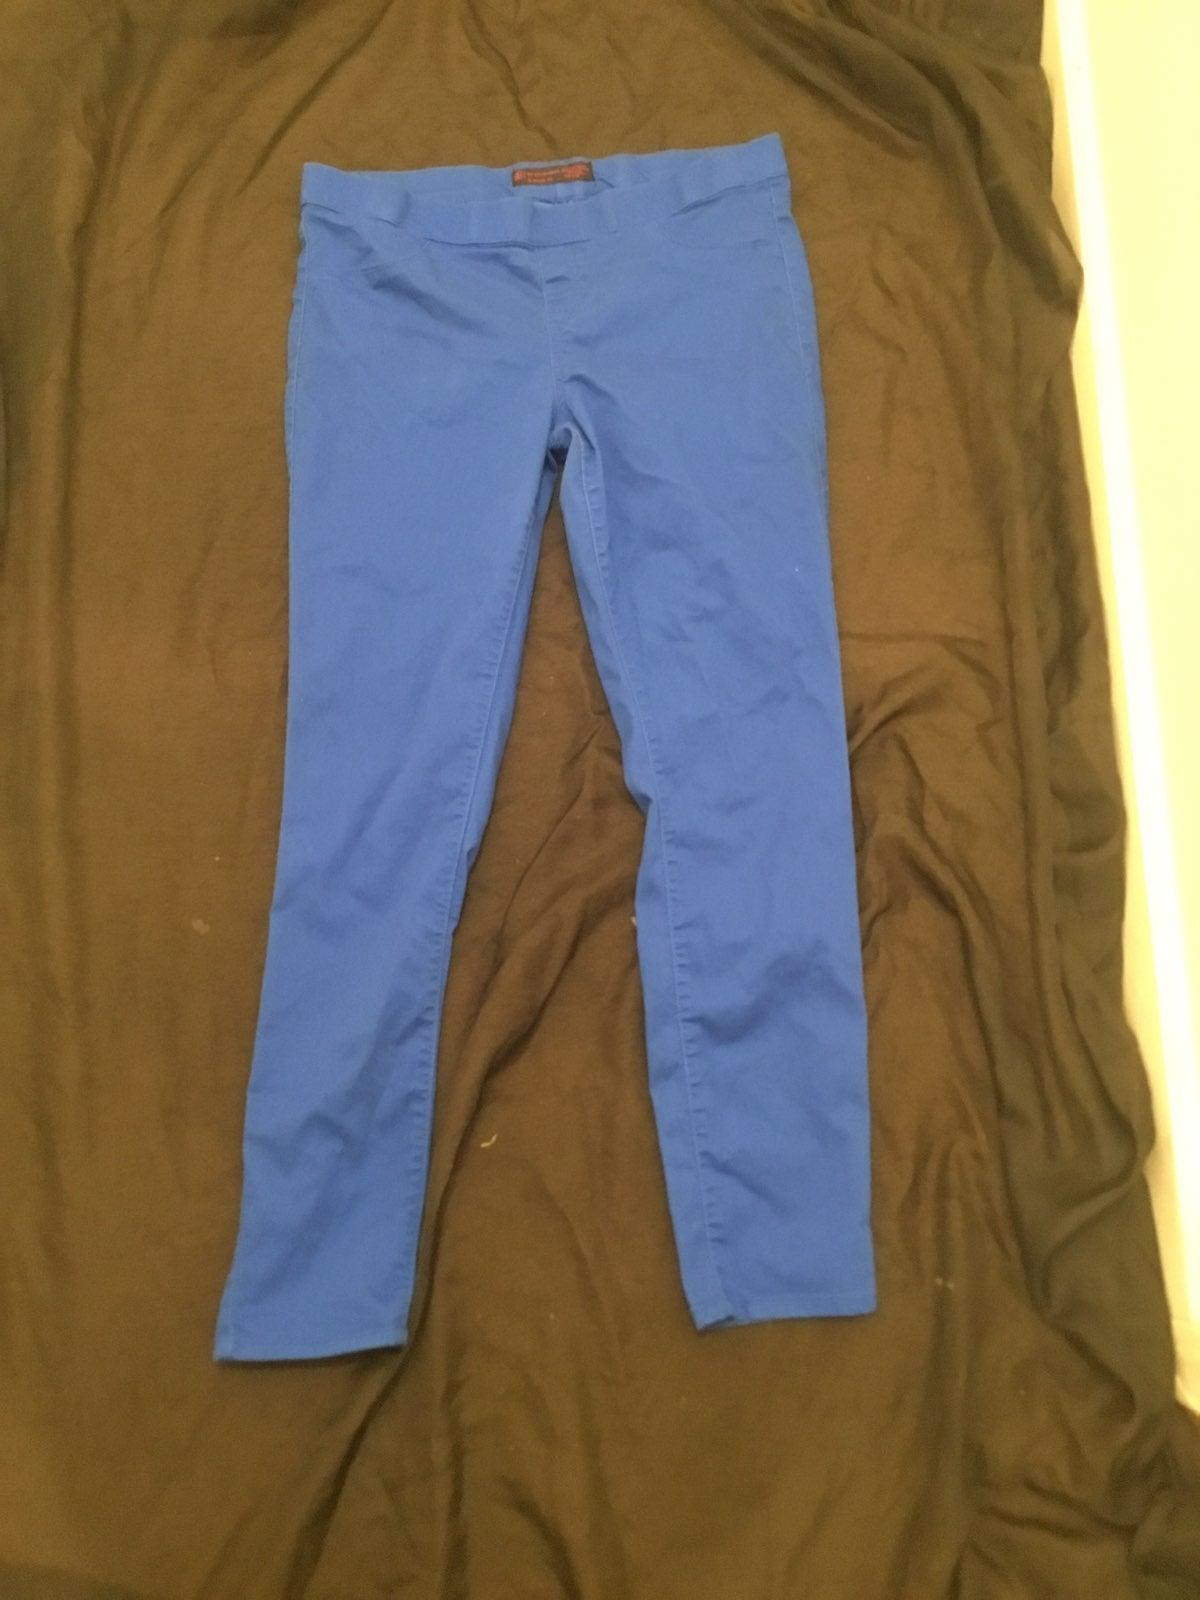 Blue pull on skinny pants